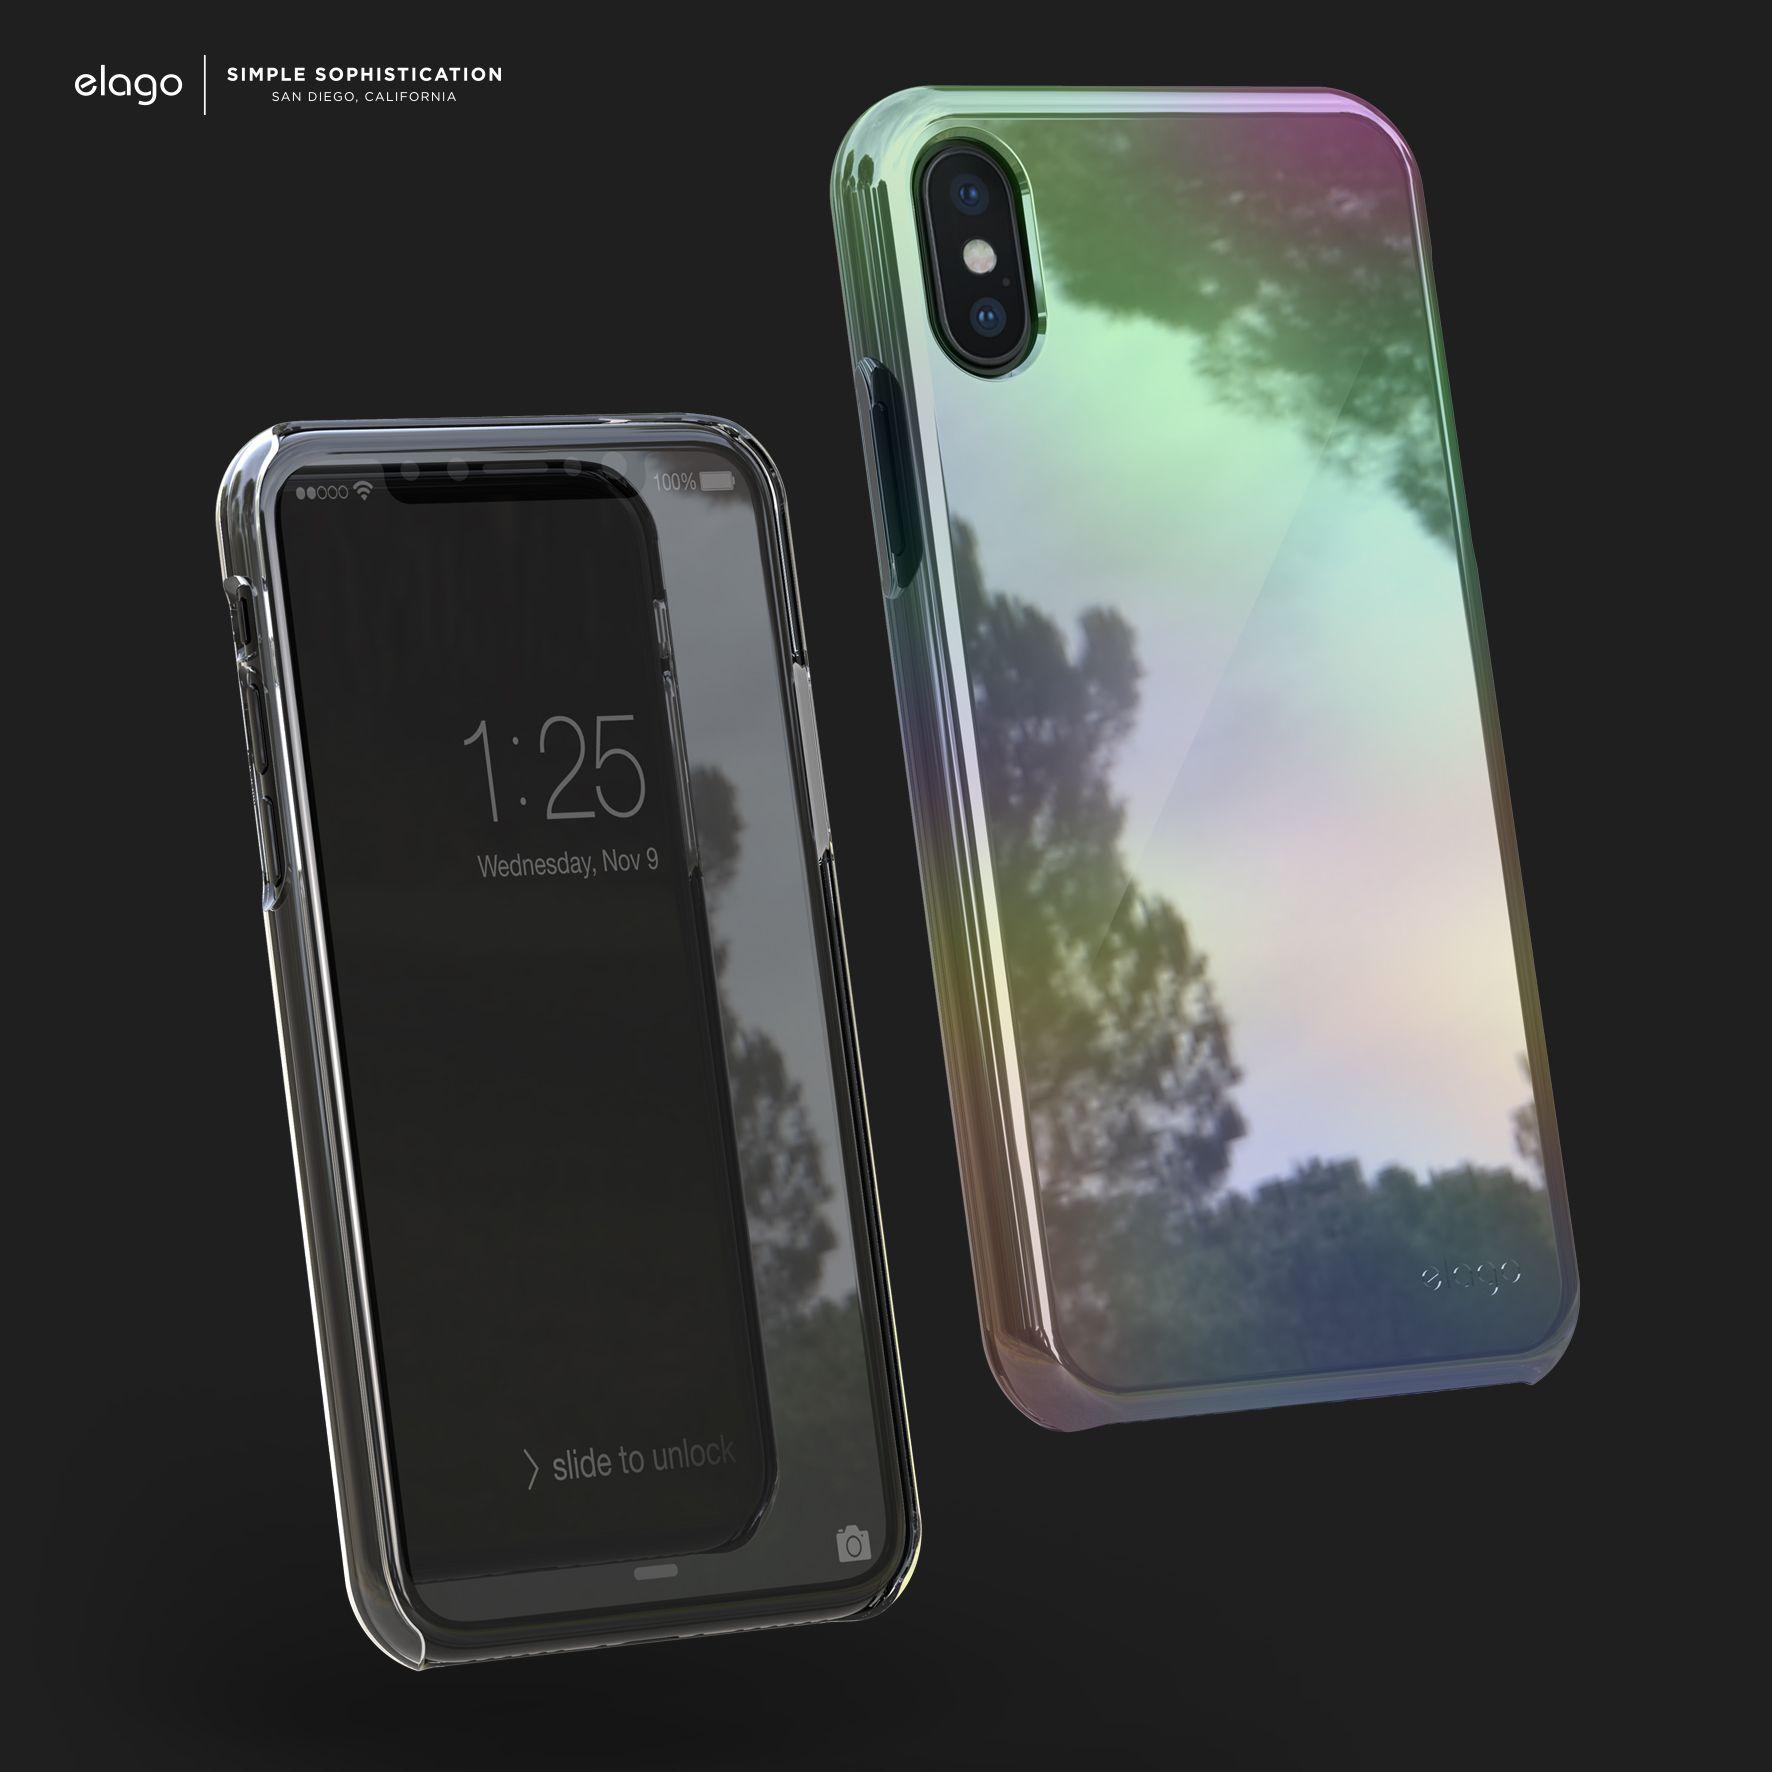 elago Slim Fit 2 Case for iPhone X Rainbow